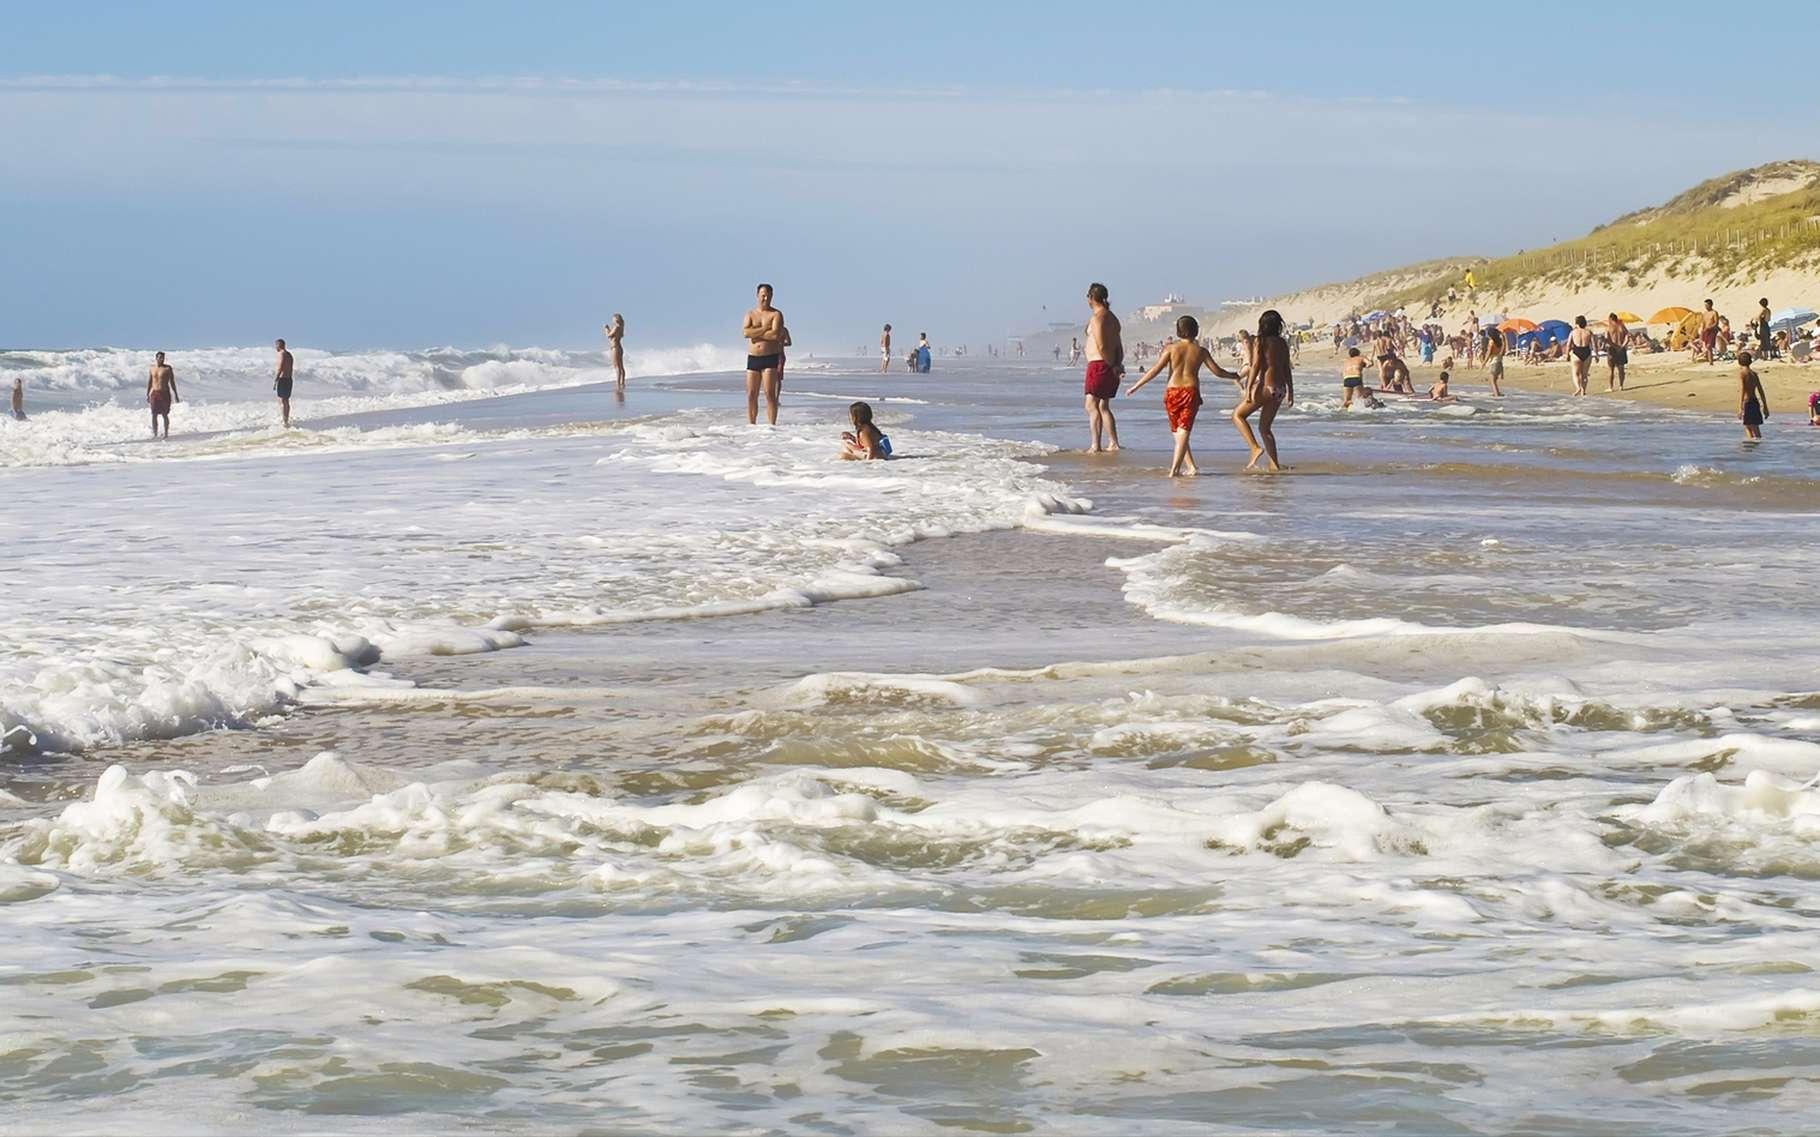 Les baïnes se forment à marée montante le long de la plage. Elles peuvent représenter un danger. © Victorpalych, Shutterstock